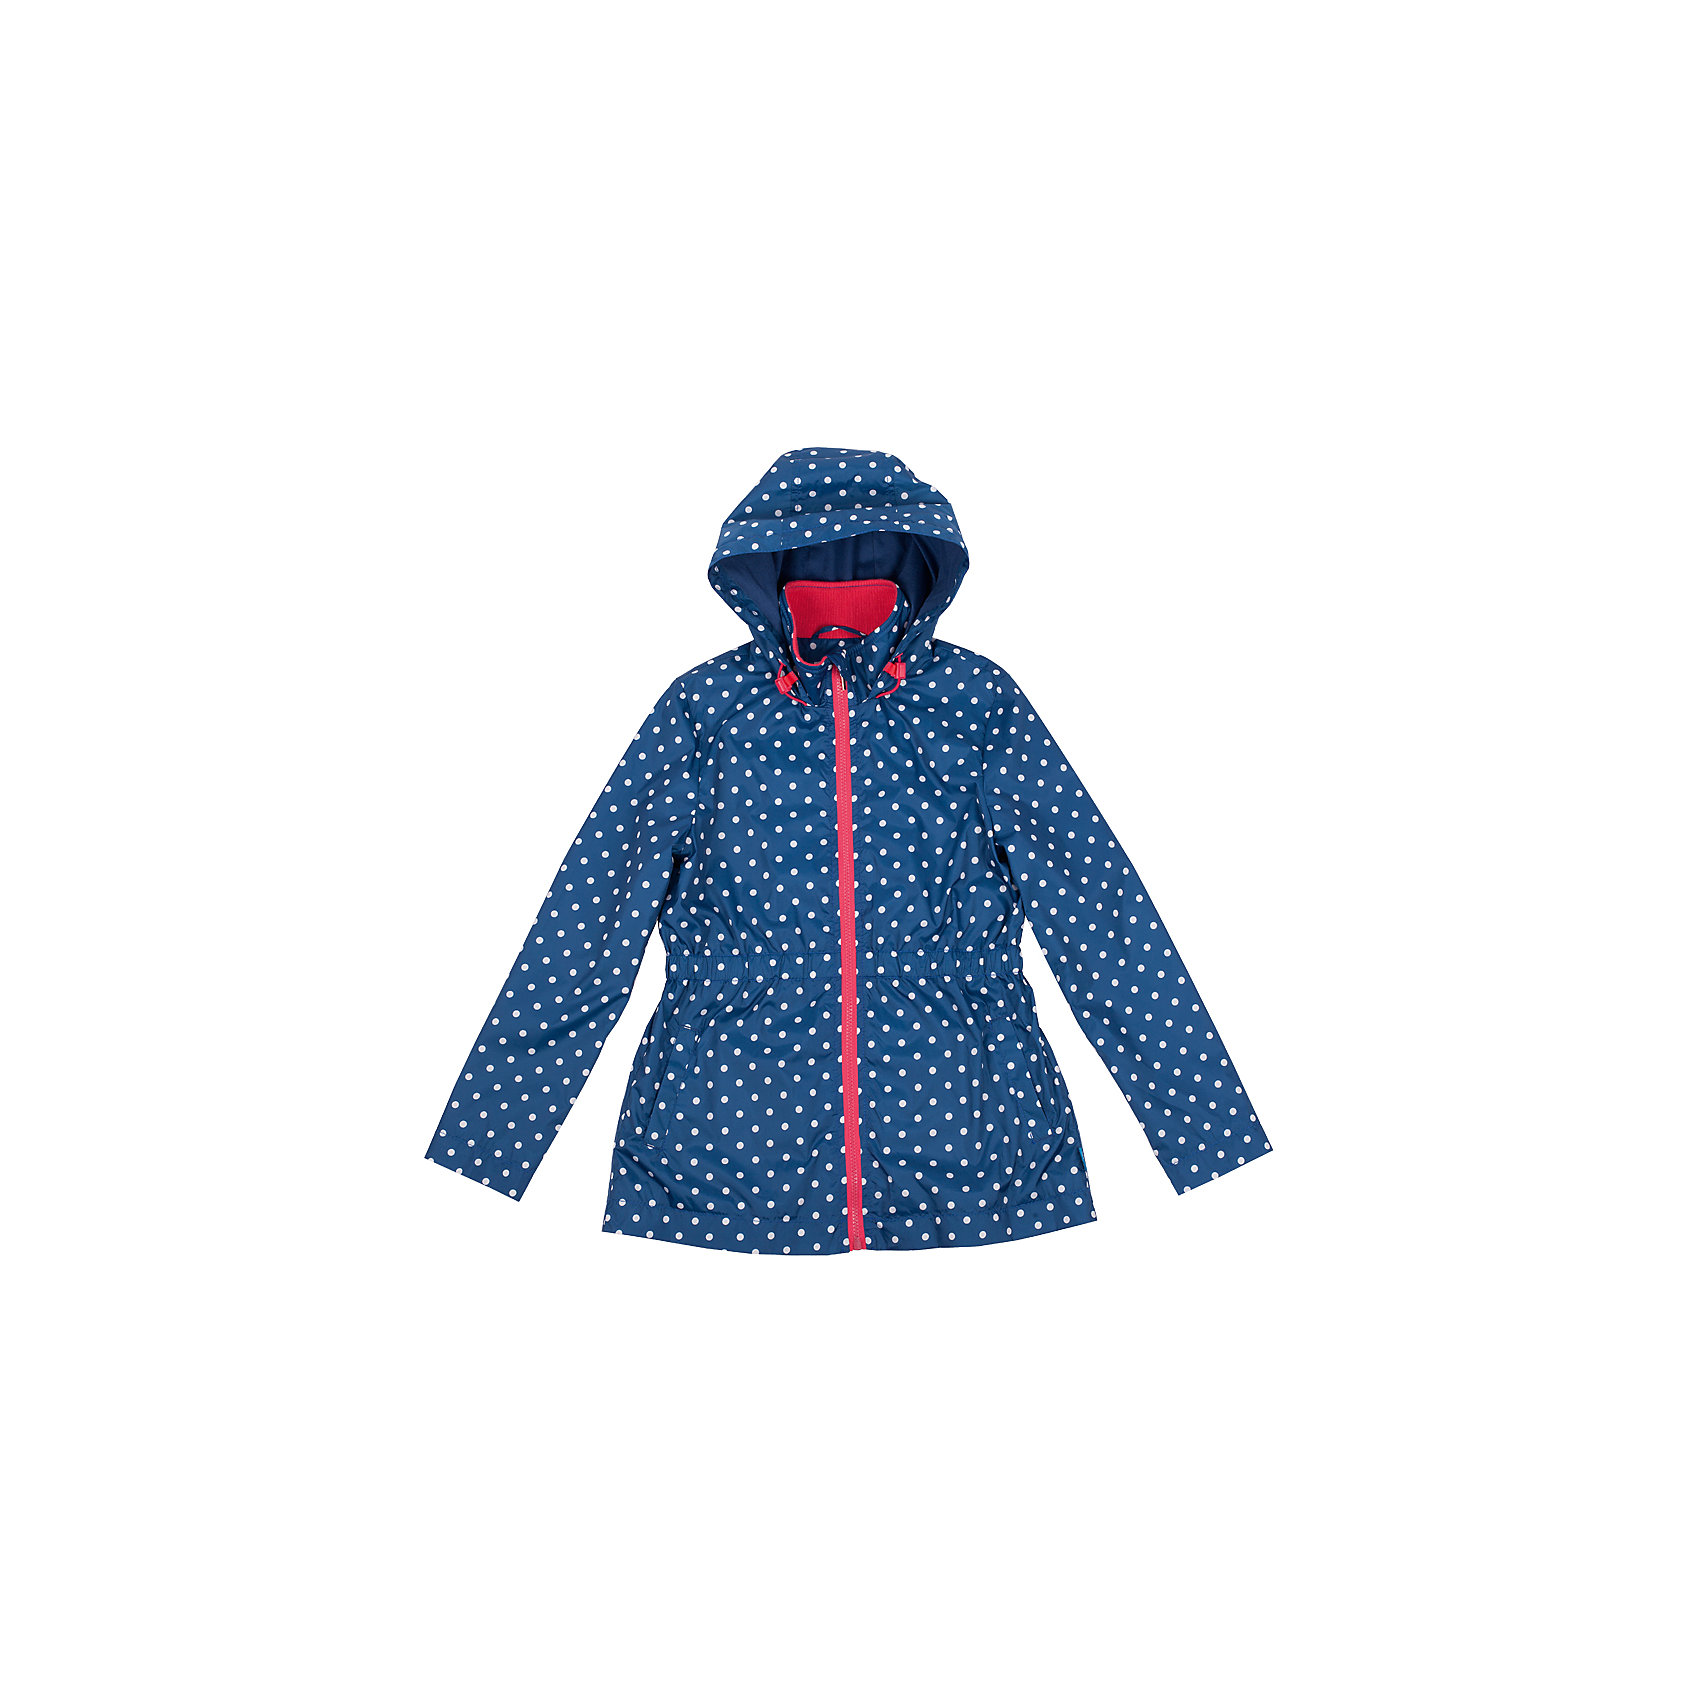 Ветровка для девочки Button BlueВерхняя одежда<br>Яркая ветровка с капюшоном - хорошее решение для летней прохлады. Модный рисунок подарит отличное настроение, мягкая трикотажная подкладка обеспечит уют, капюшон защитит от дождя и ветра. Если вы хотите купить отличную ветровку для девочки недорого и хотите быть уверены в ее комфорте, качестве, высоких потребительских свойствах, ветровка Button Blue - для вас!<br>Состав:<br>тк. верха:      100% полиэстер,        подкл.: 100% хлопок<br><br>Ширина мм: 356<br>Глубина мм: 10<br>Высота мм: 245<br>Вес г: 519<br>Цвет: синий<br>Возраст от месяцев: 48<br>Возраст до месяцев: 60<br>Пол: Женский<br>Возраст: Детский<br>Размер: 110,104,158,128,116,98,152,140,146,122,134<br>SKU: 4510614